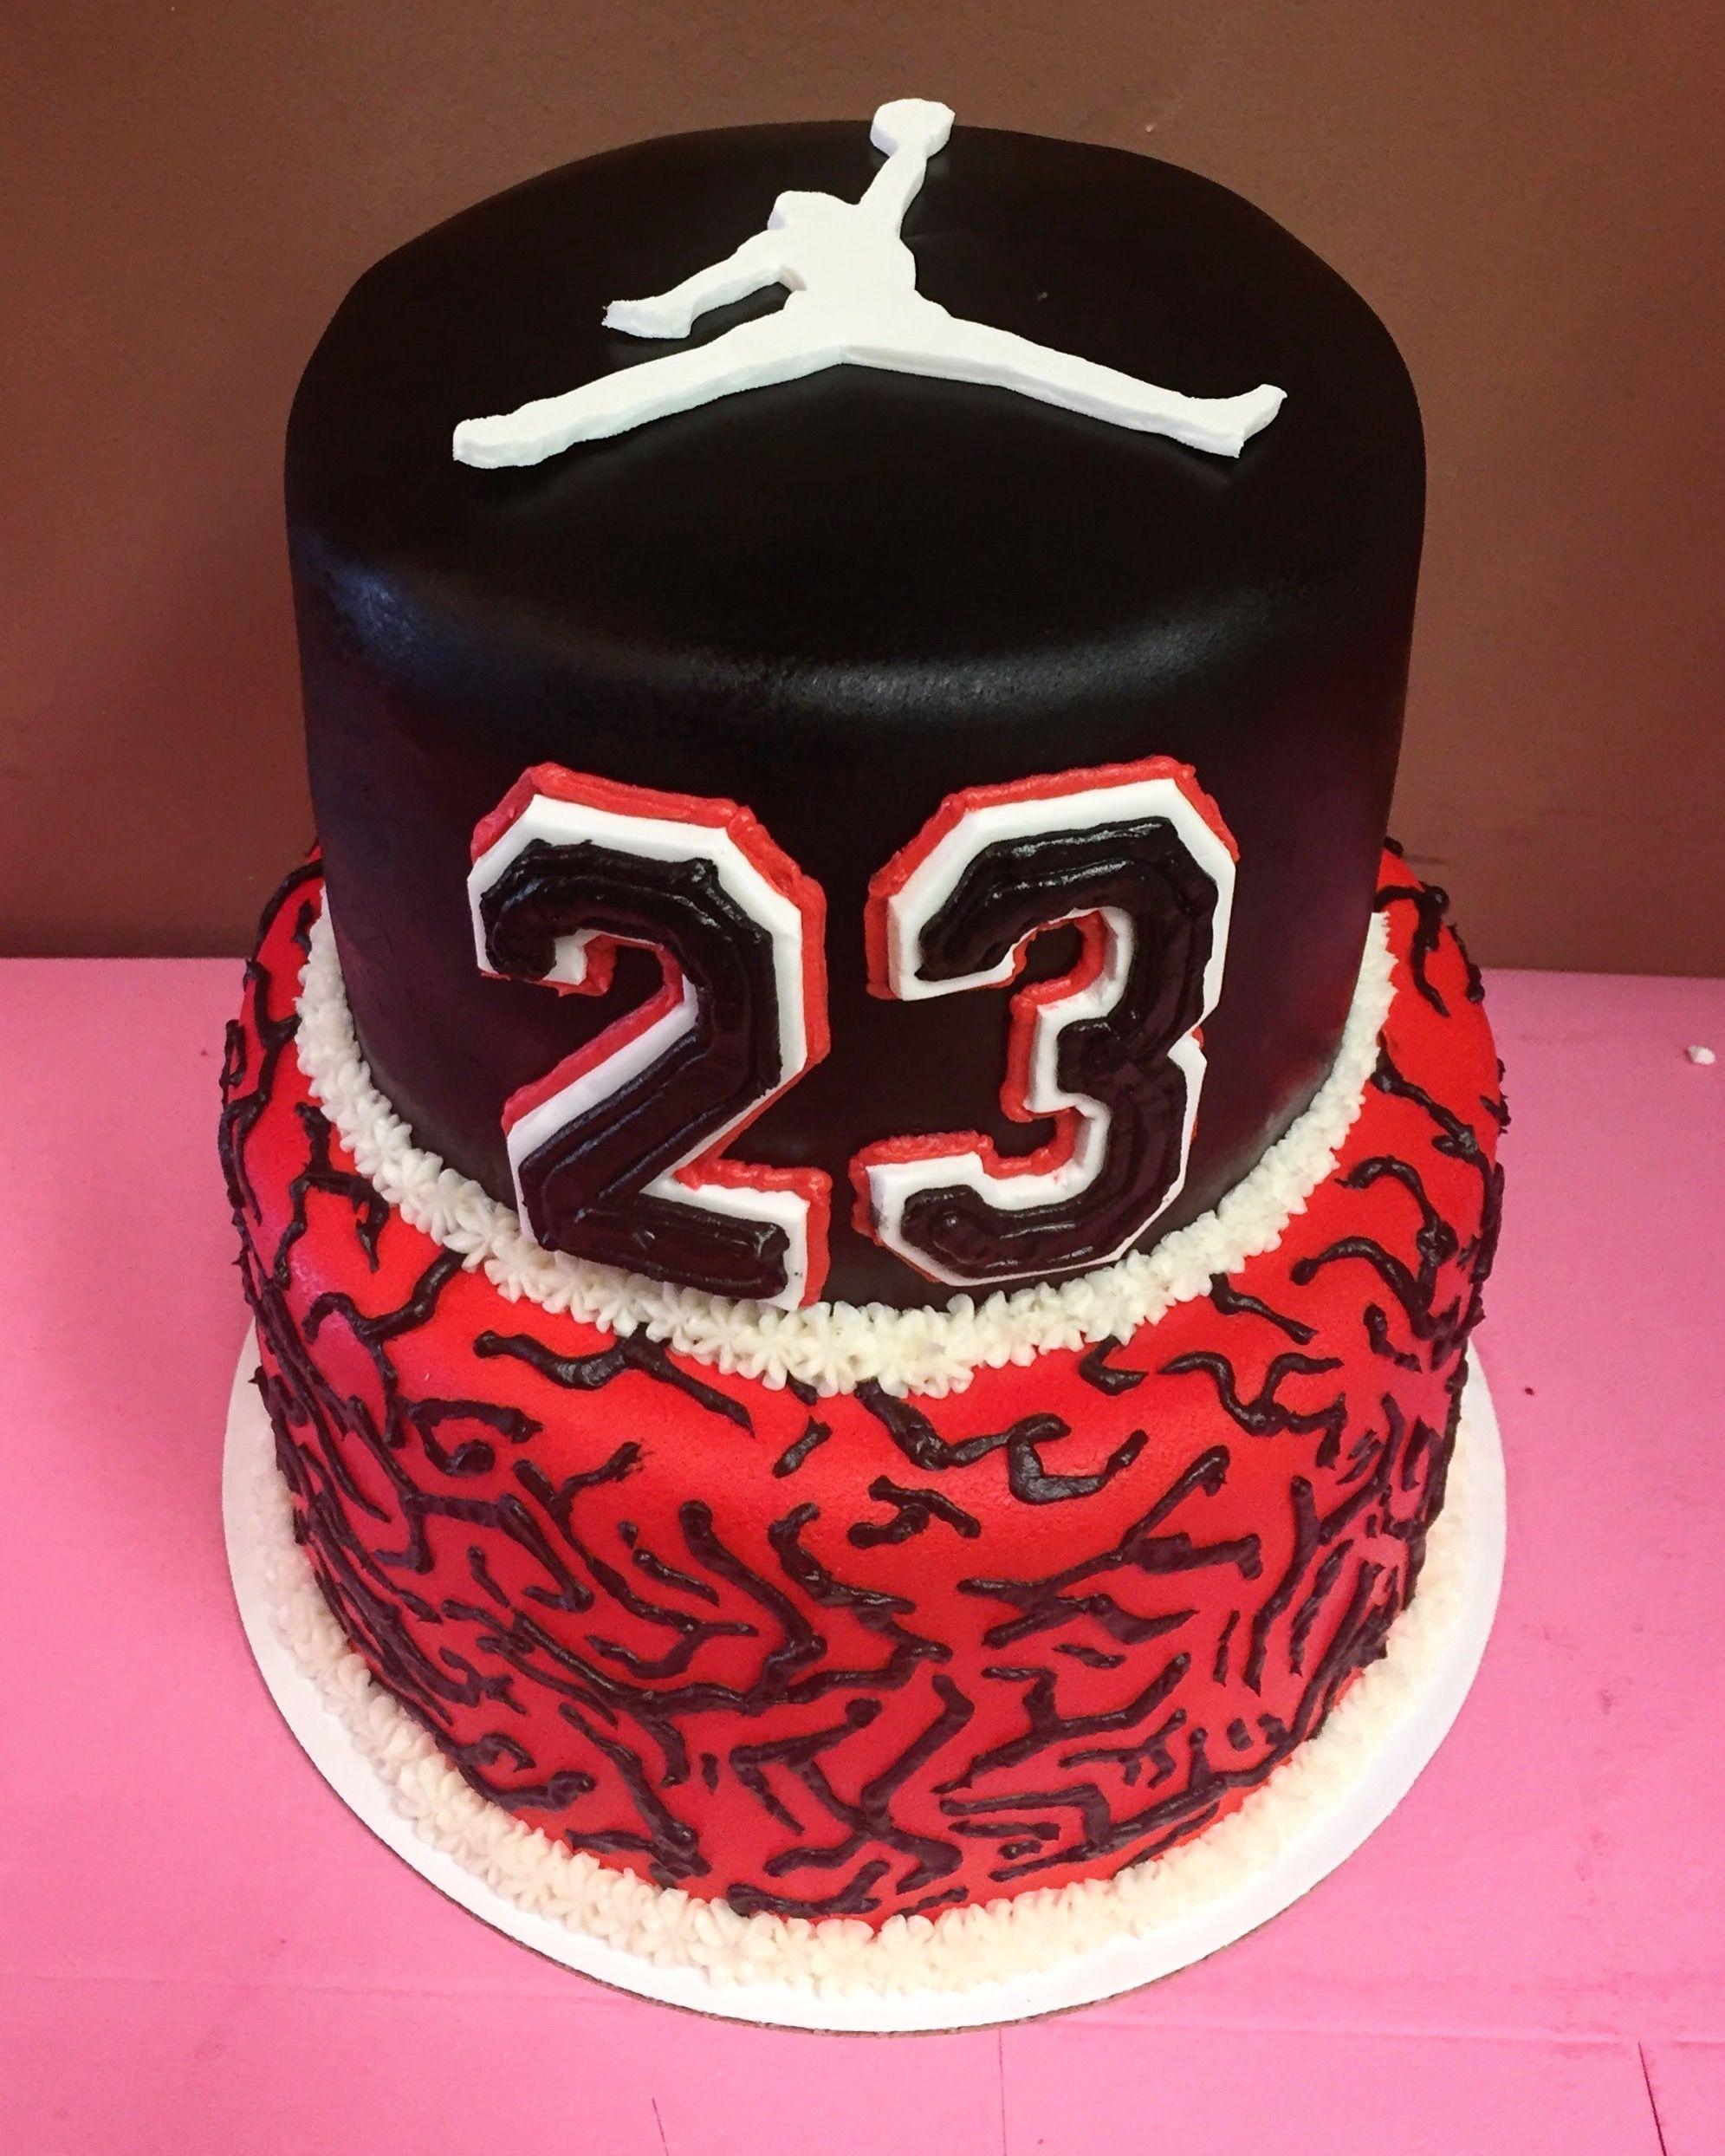 Cool Michael Jordan Cake By Frostings Bake Shop Jordan Cake Funny Birthday Cards Online Elaedamsfinfo